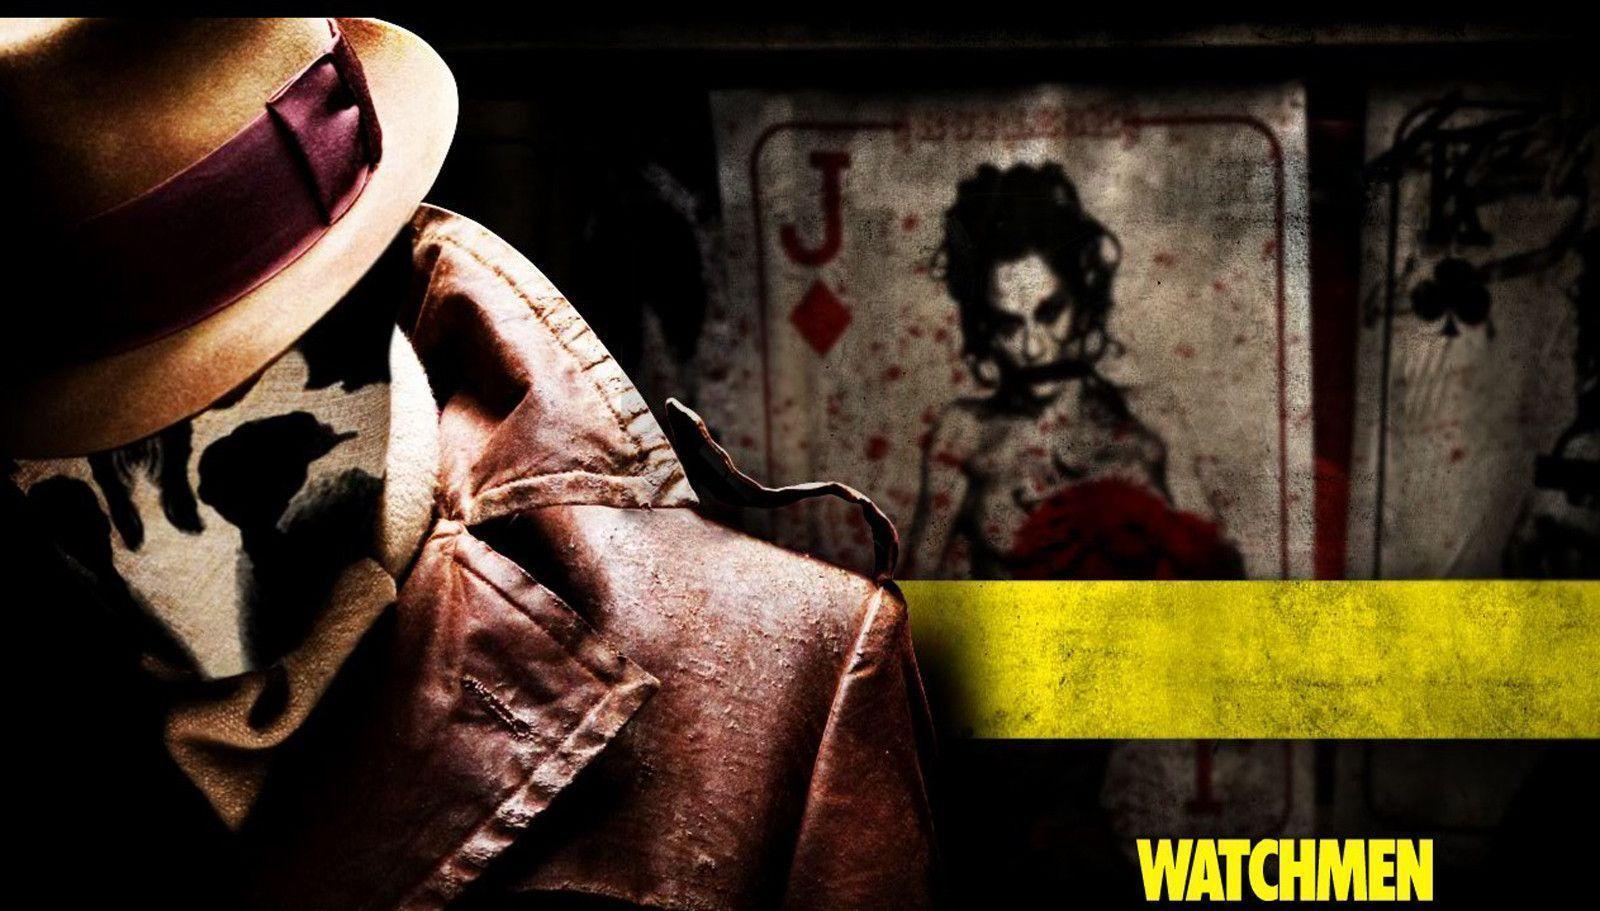 Rorschach Watchmen Wallpaper Hd Rorschach Wallpapers Wallpaper Cave